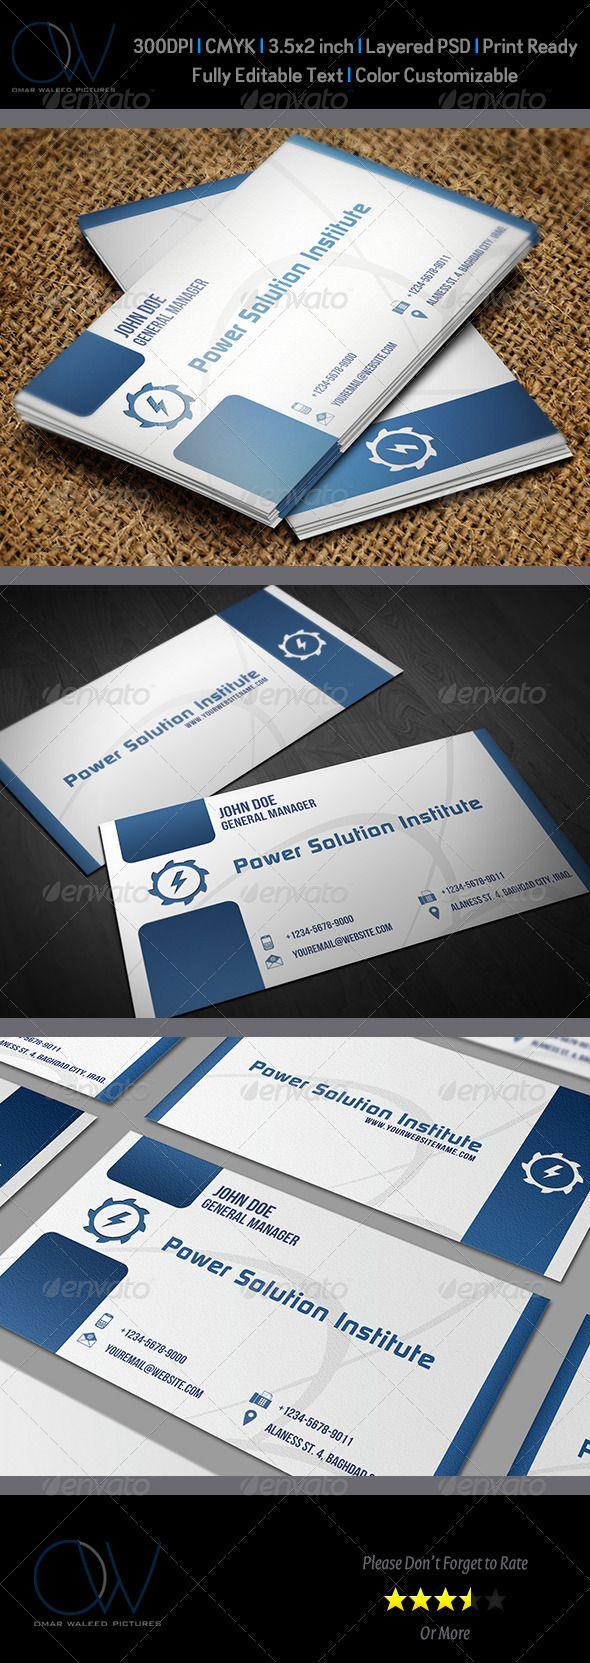 Classic Business Card Vol 5 Classic Business Card Card Design Print Templates